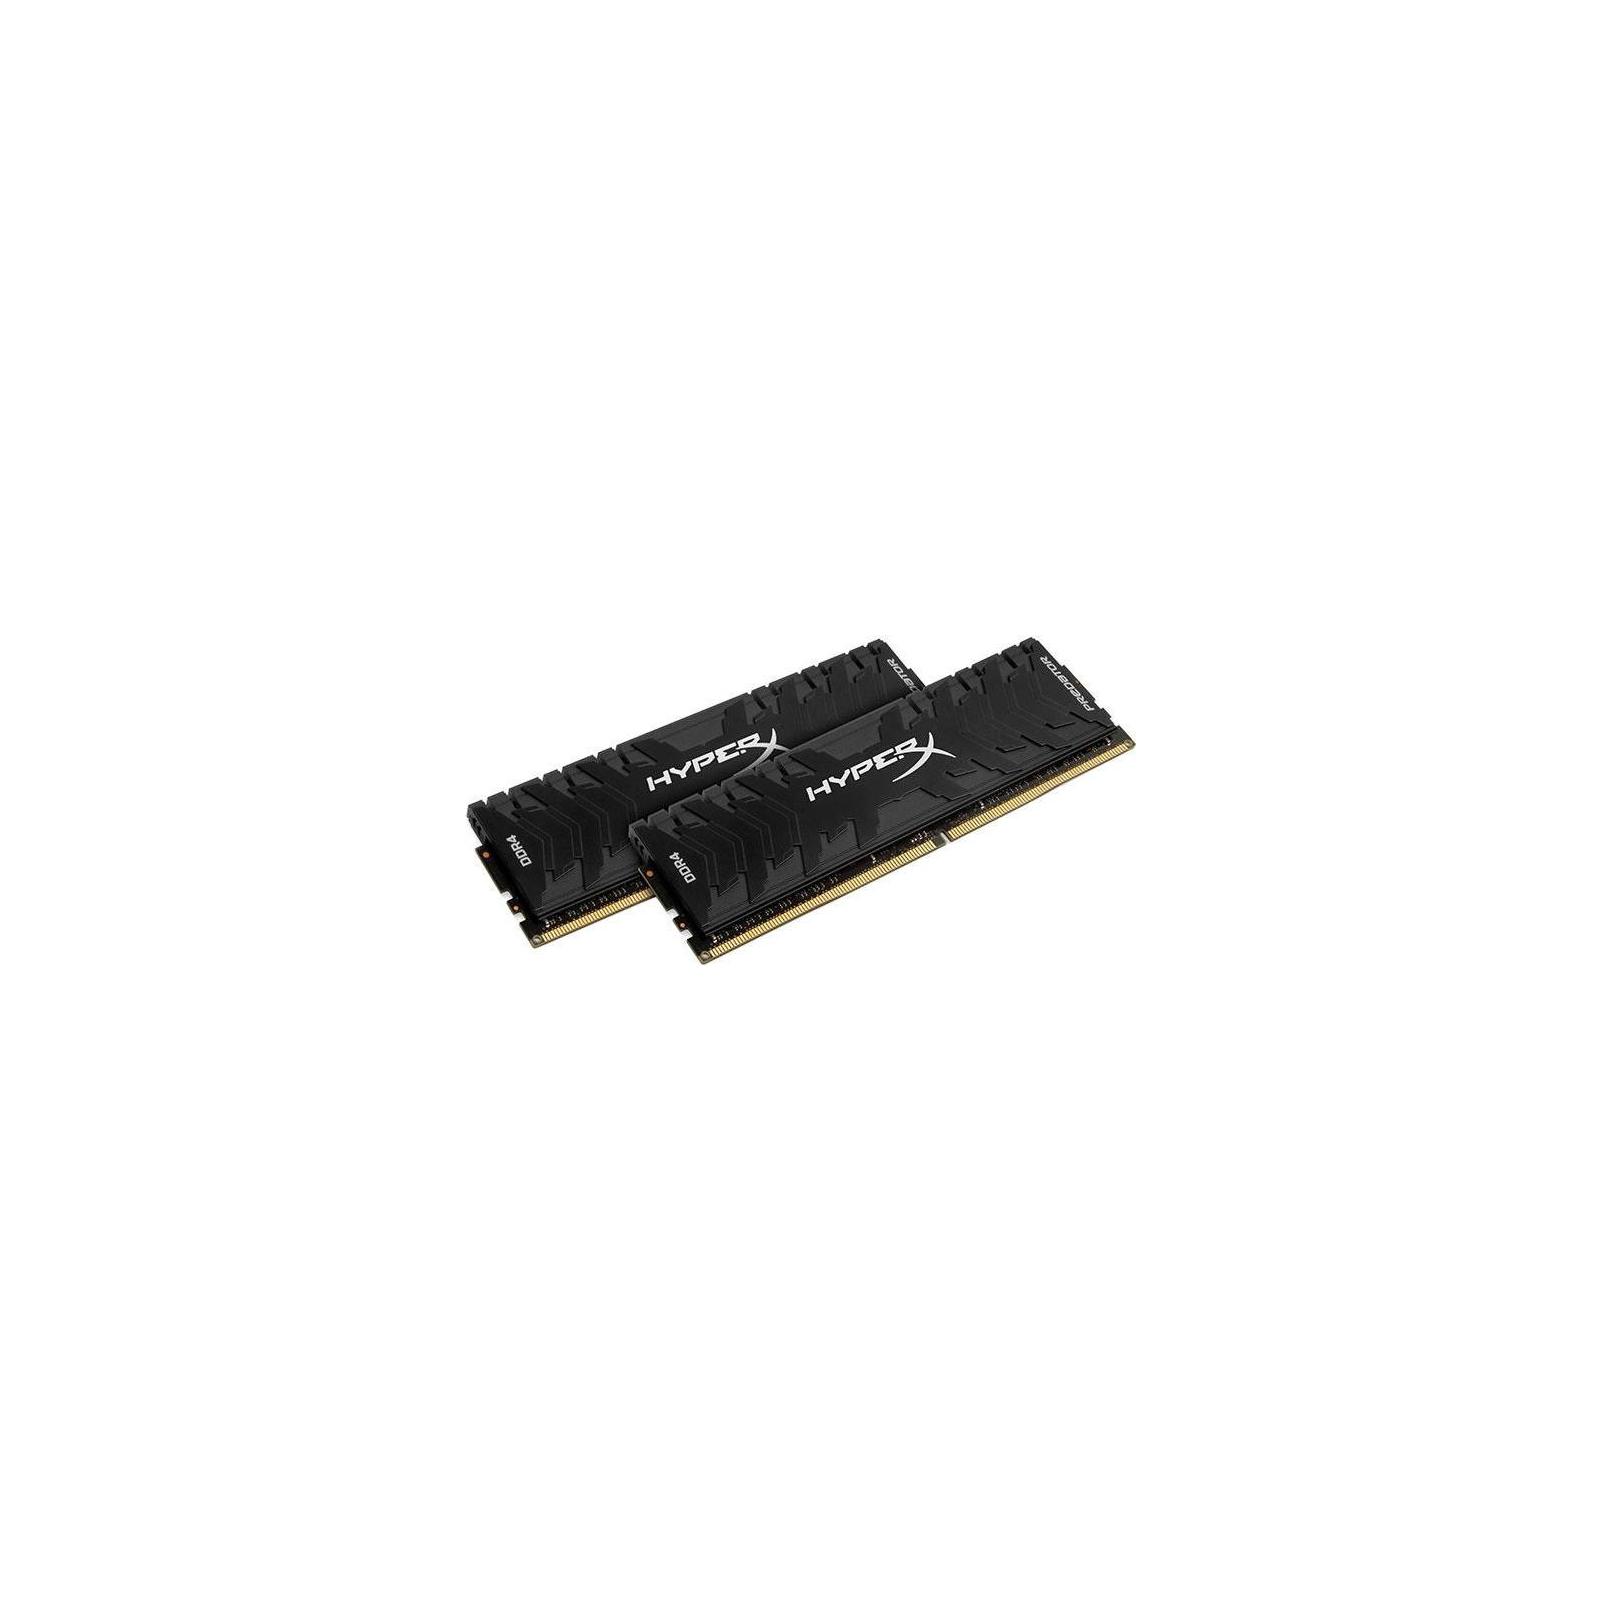 Модуль памяти для компьютера DDR4 32GB (2x16GB) 3600 MHz HyperX Predator Kingston (HX436C17PB3K2/32) изображение 2